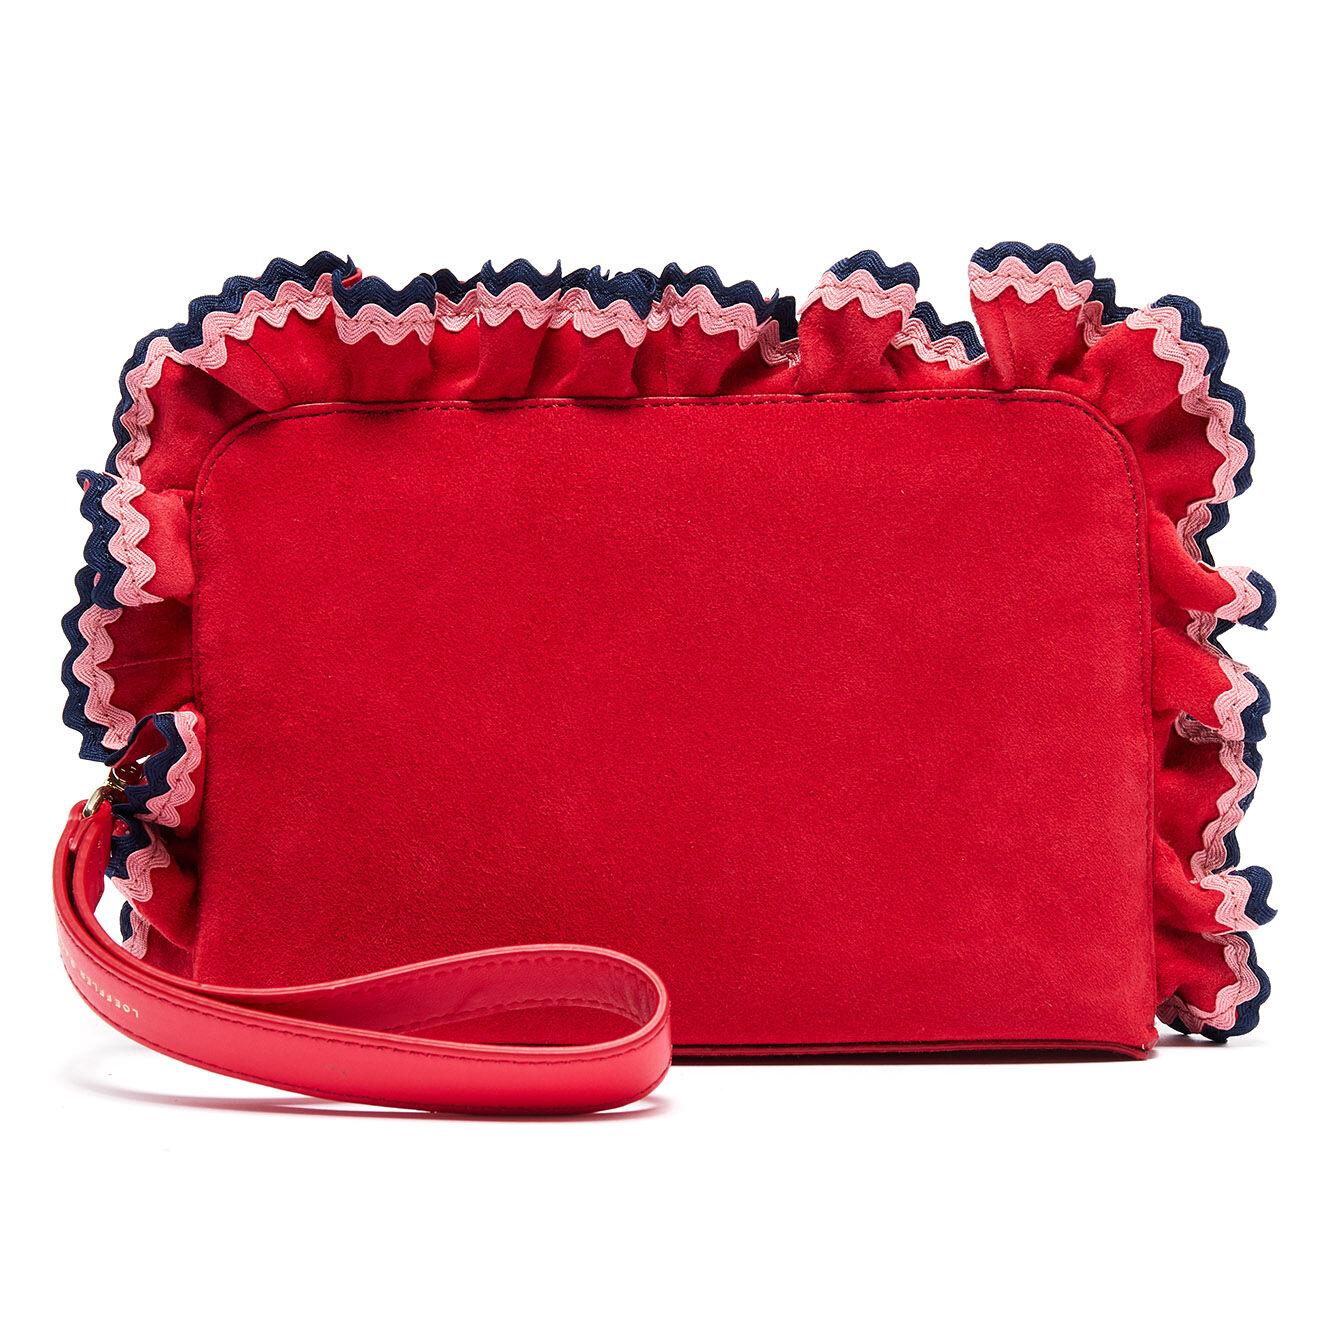 Pochette en Velours de cuir rouge - 27.5x17x3.5 cm